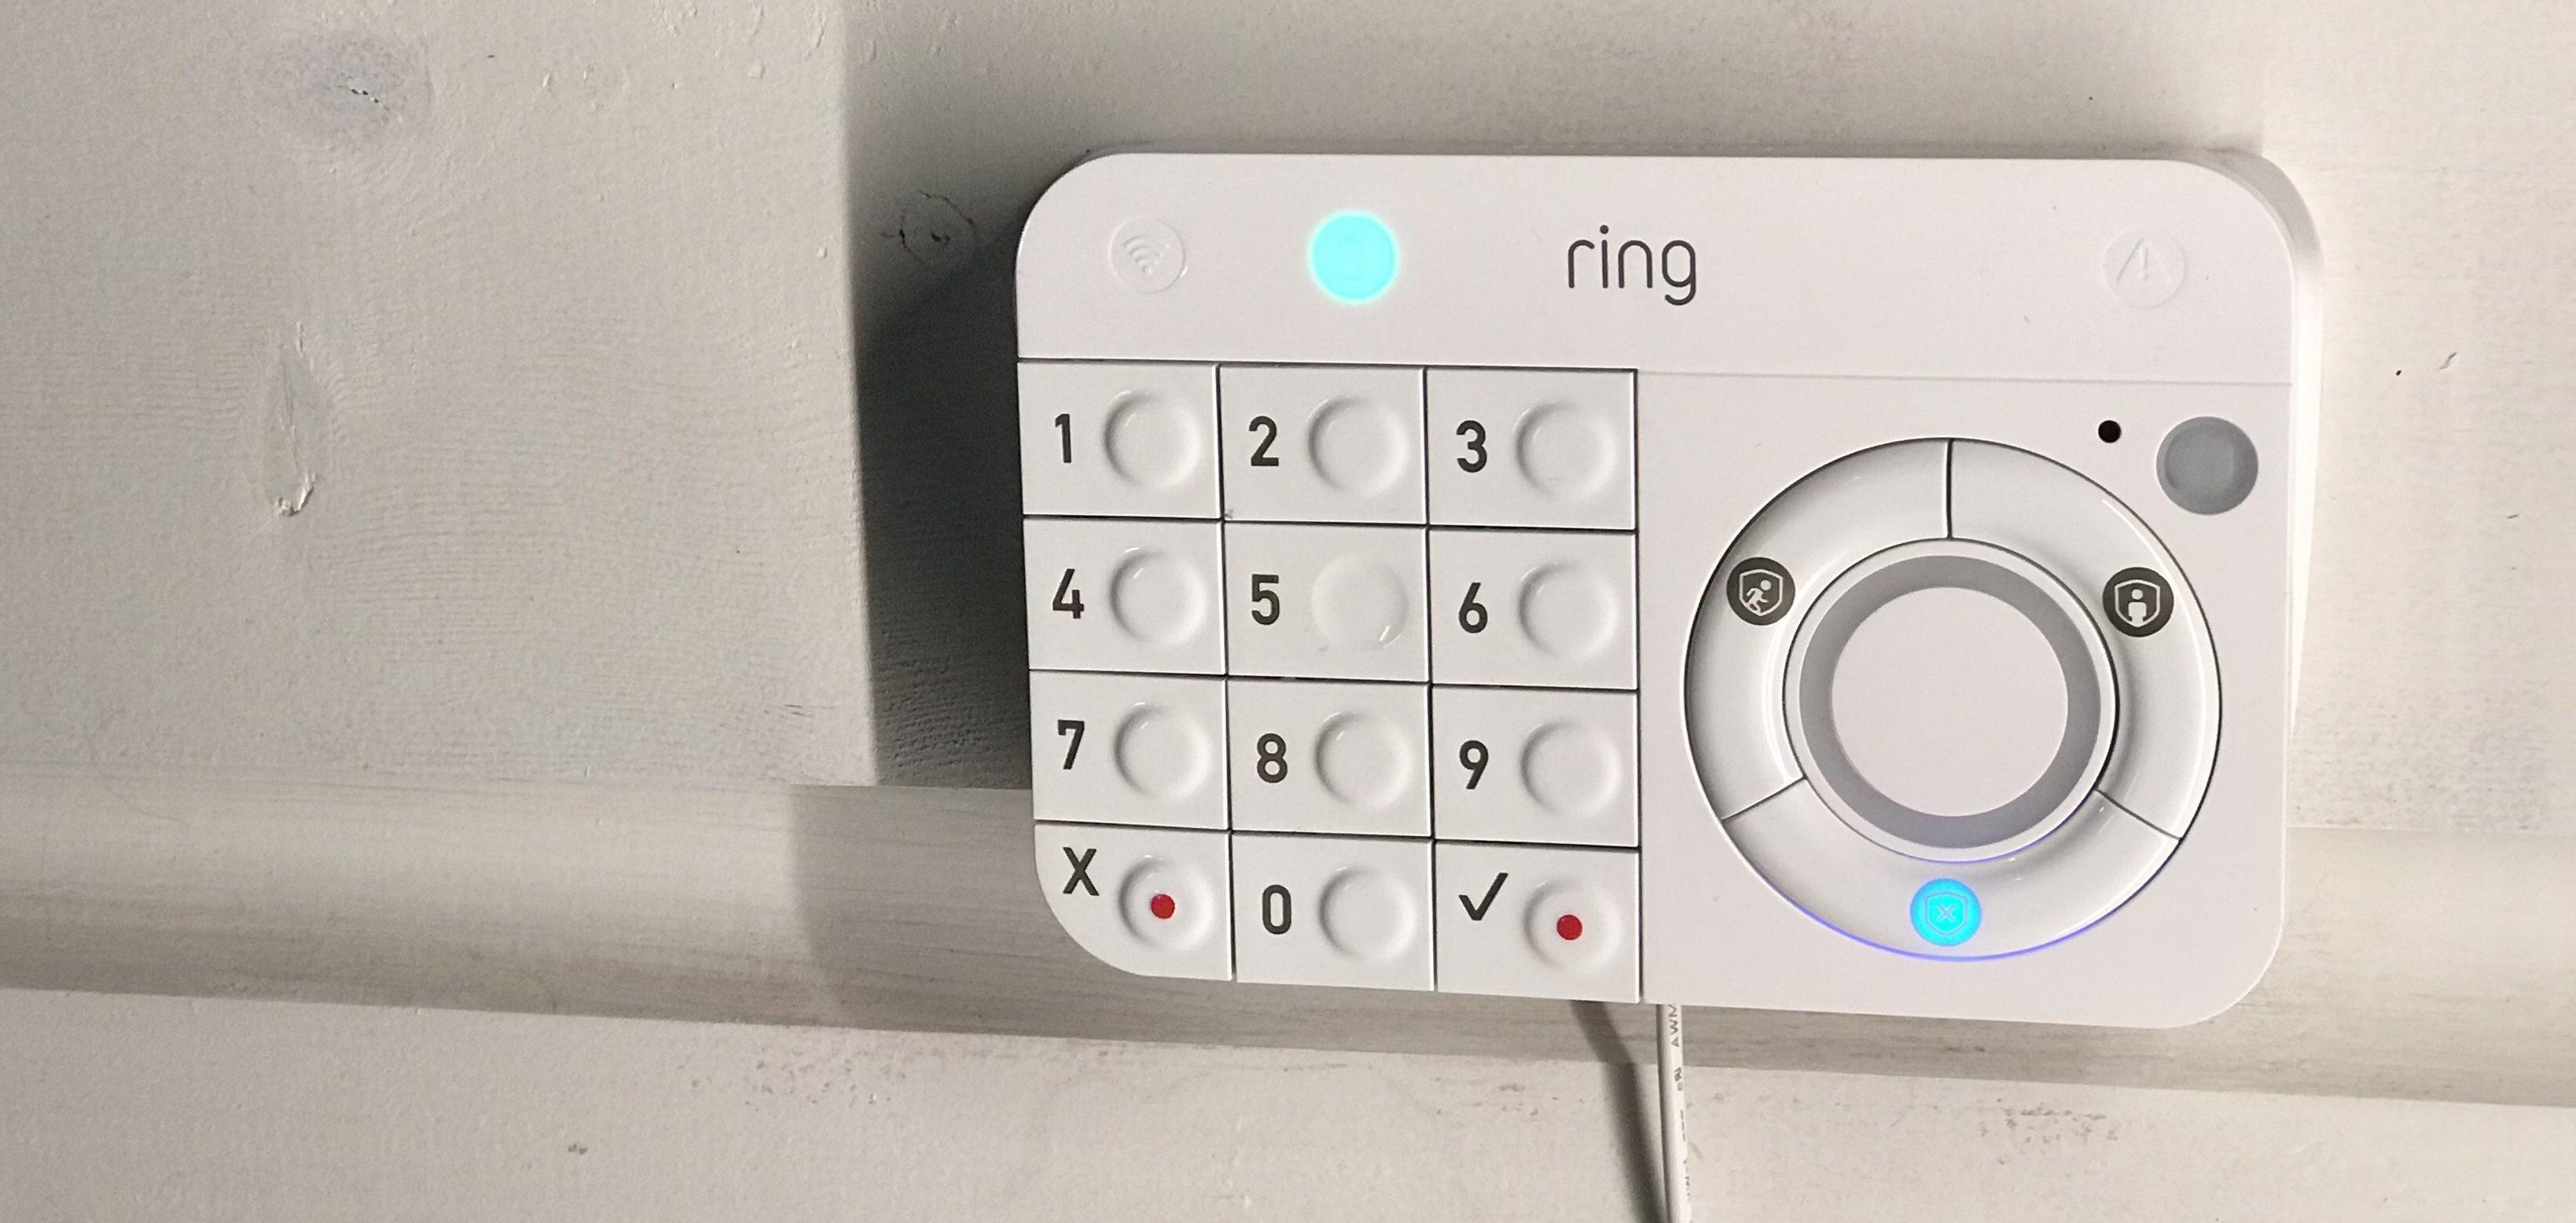 système de Ring - pavés numériques